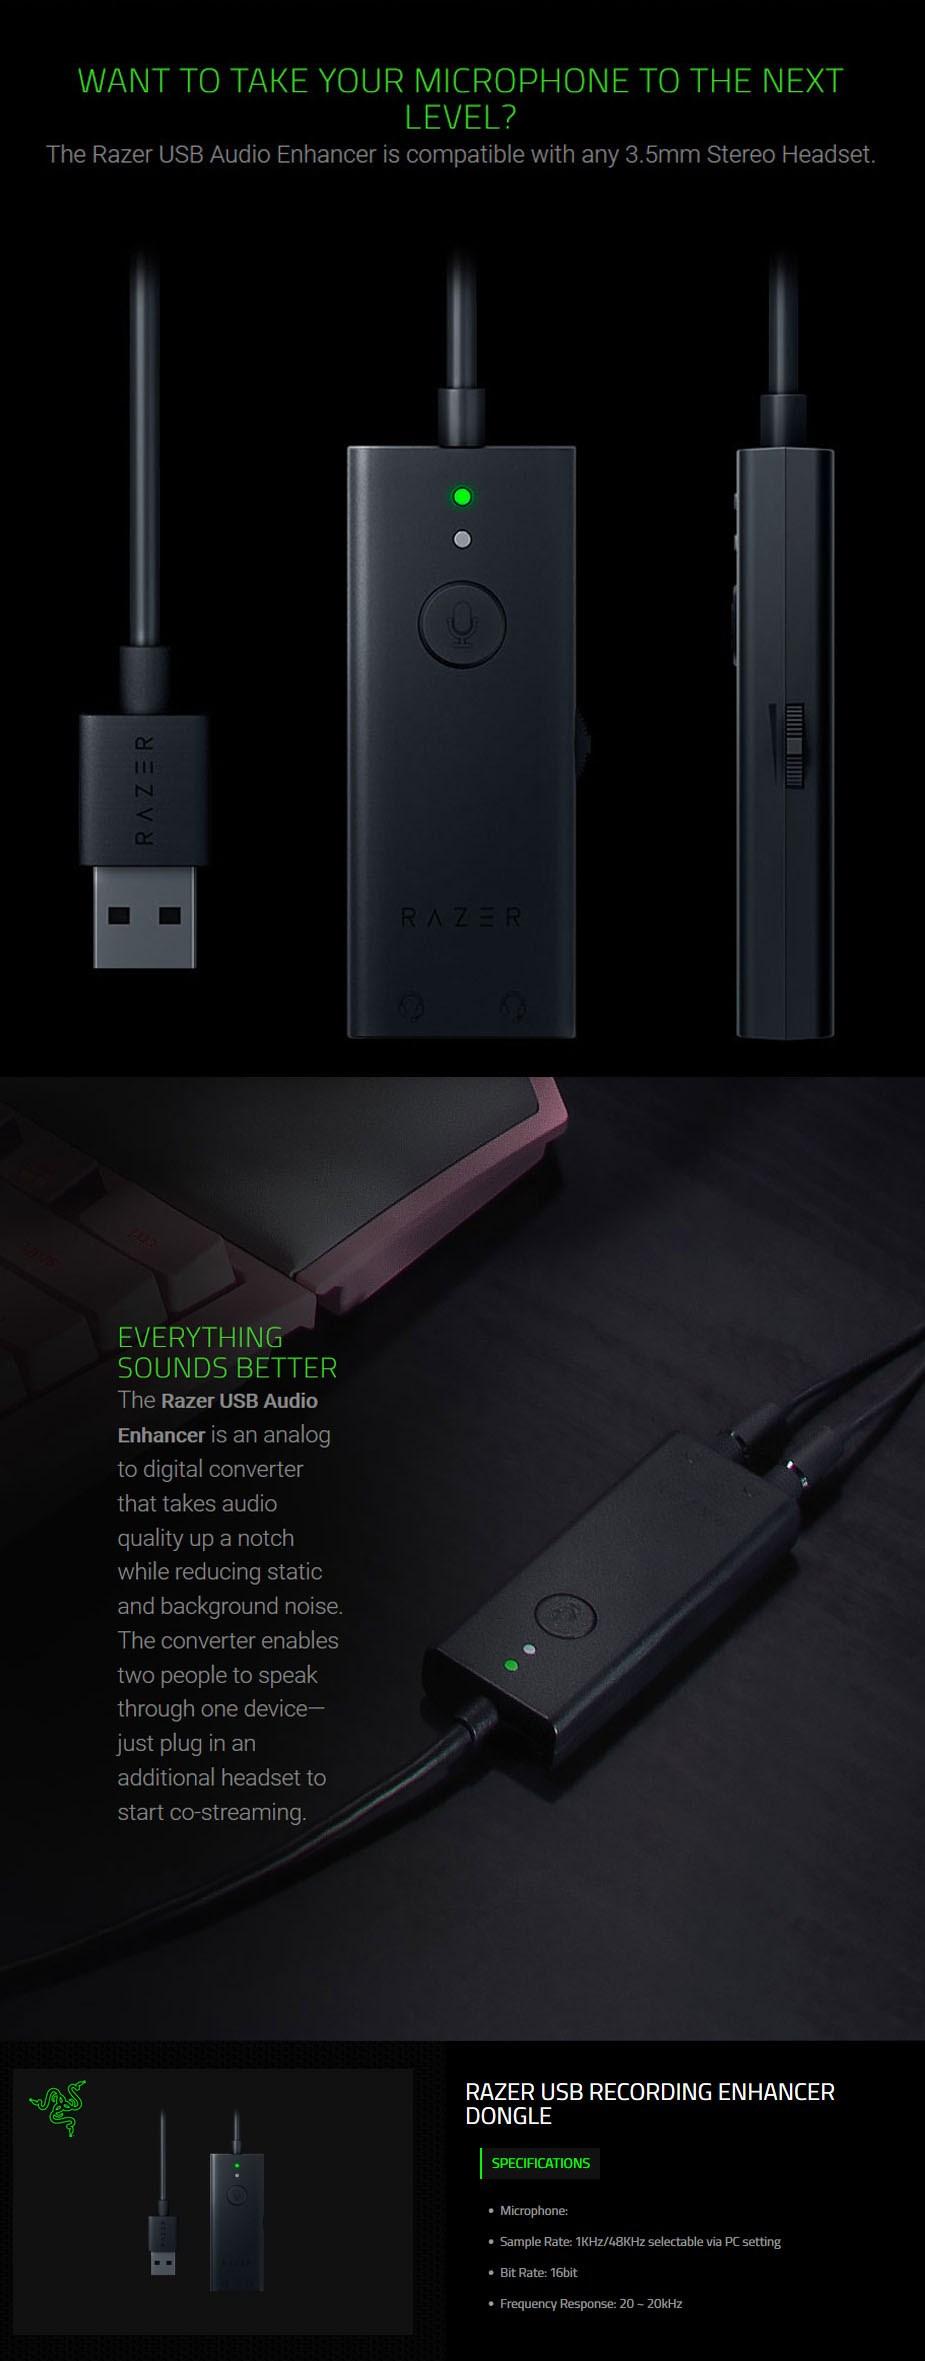 Razer USB Recording Enhancer Dongle - RZ19-02310100-R3M1 | Mwave com au